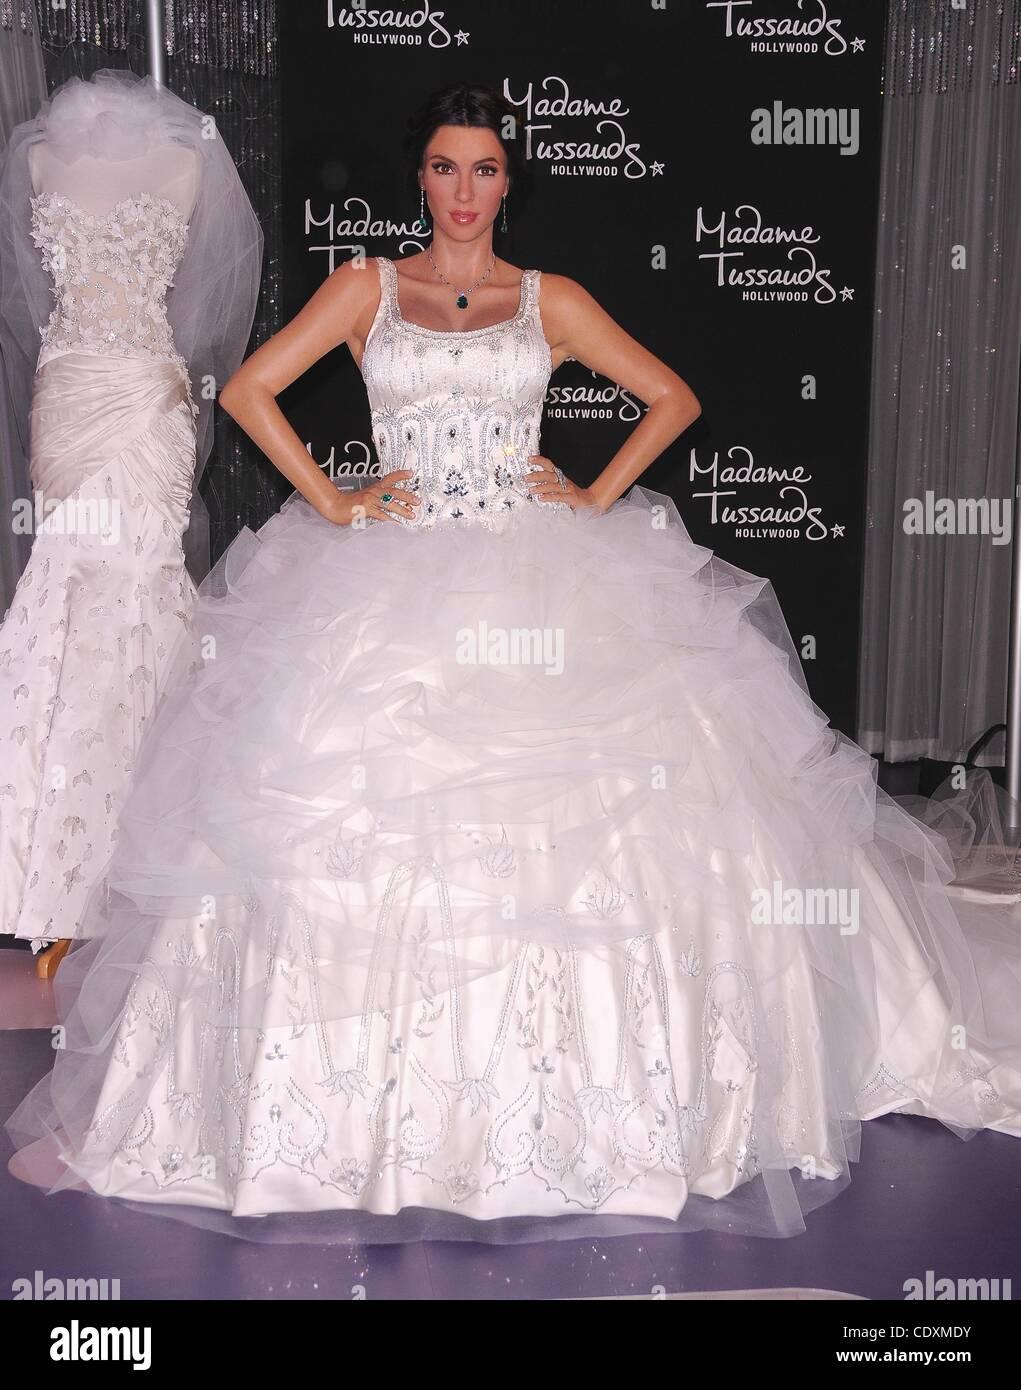 Kim Kardashian Wedding Dress Stock Photos & Kim Kardashian Wedding ...